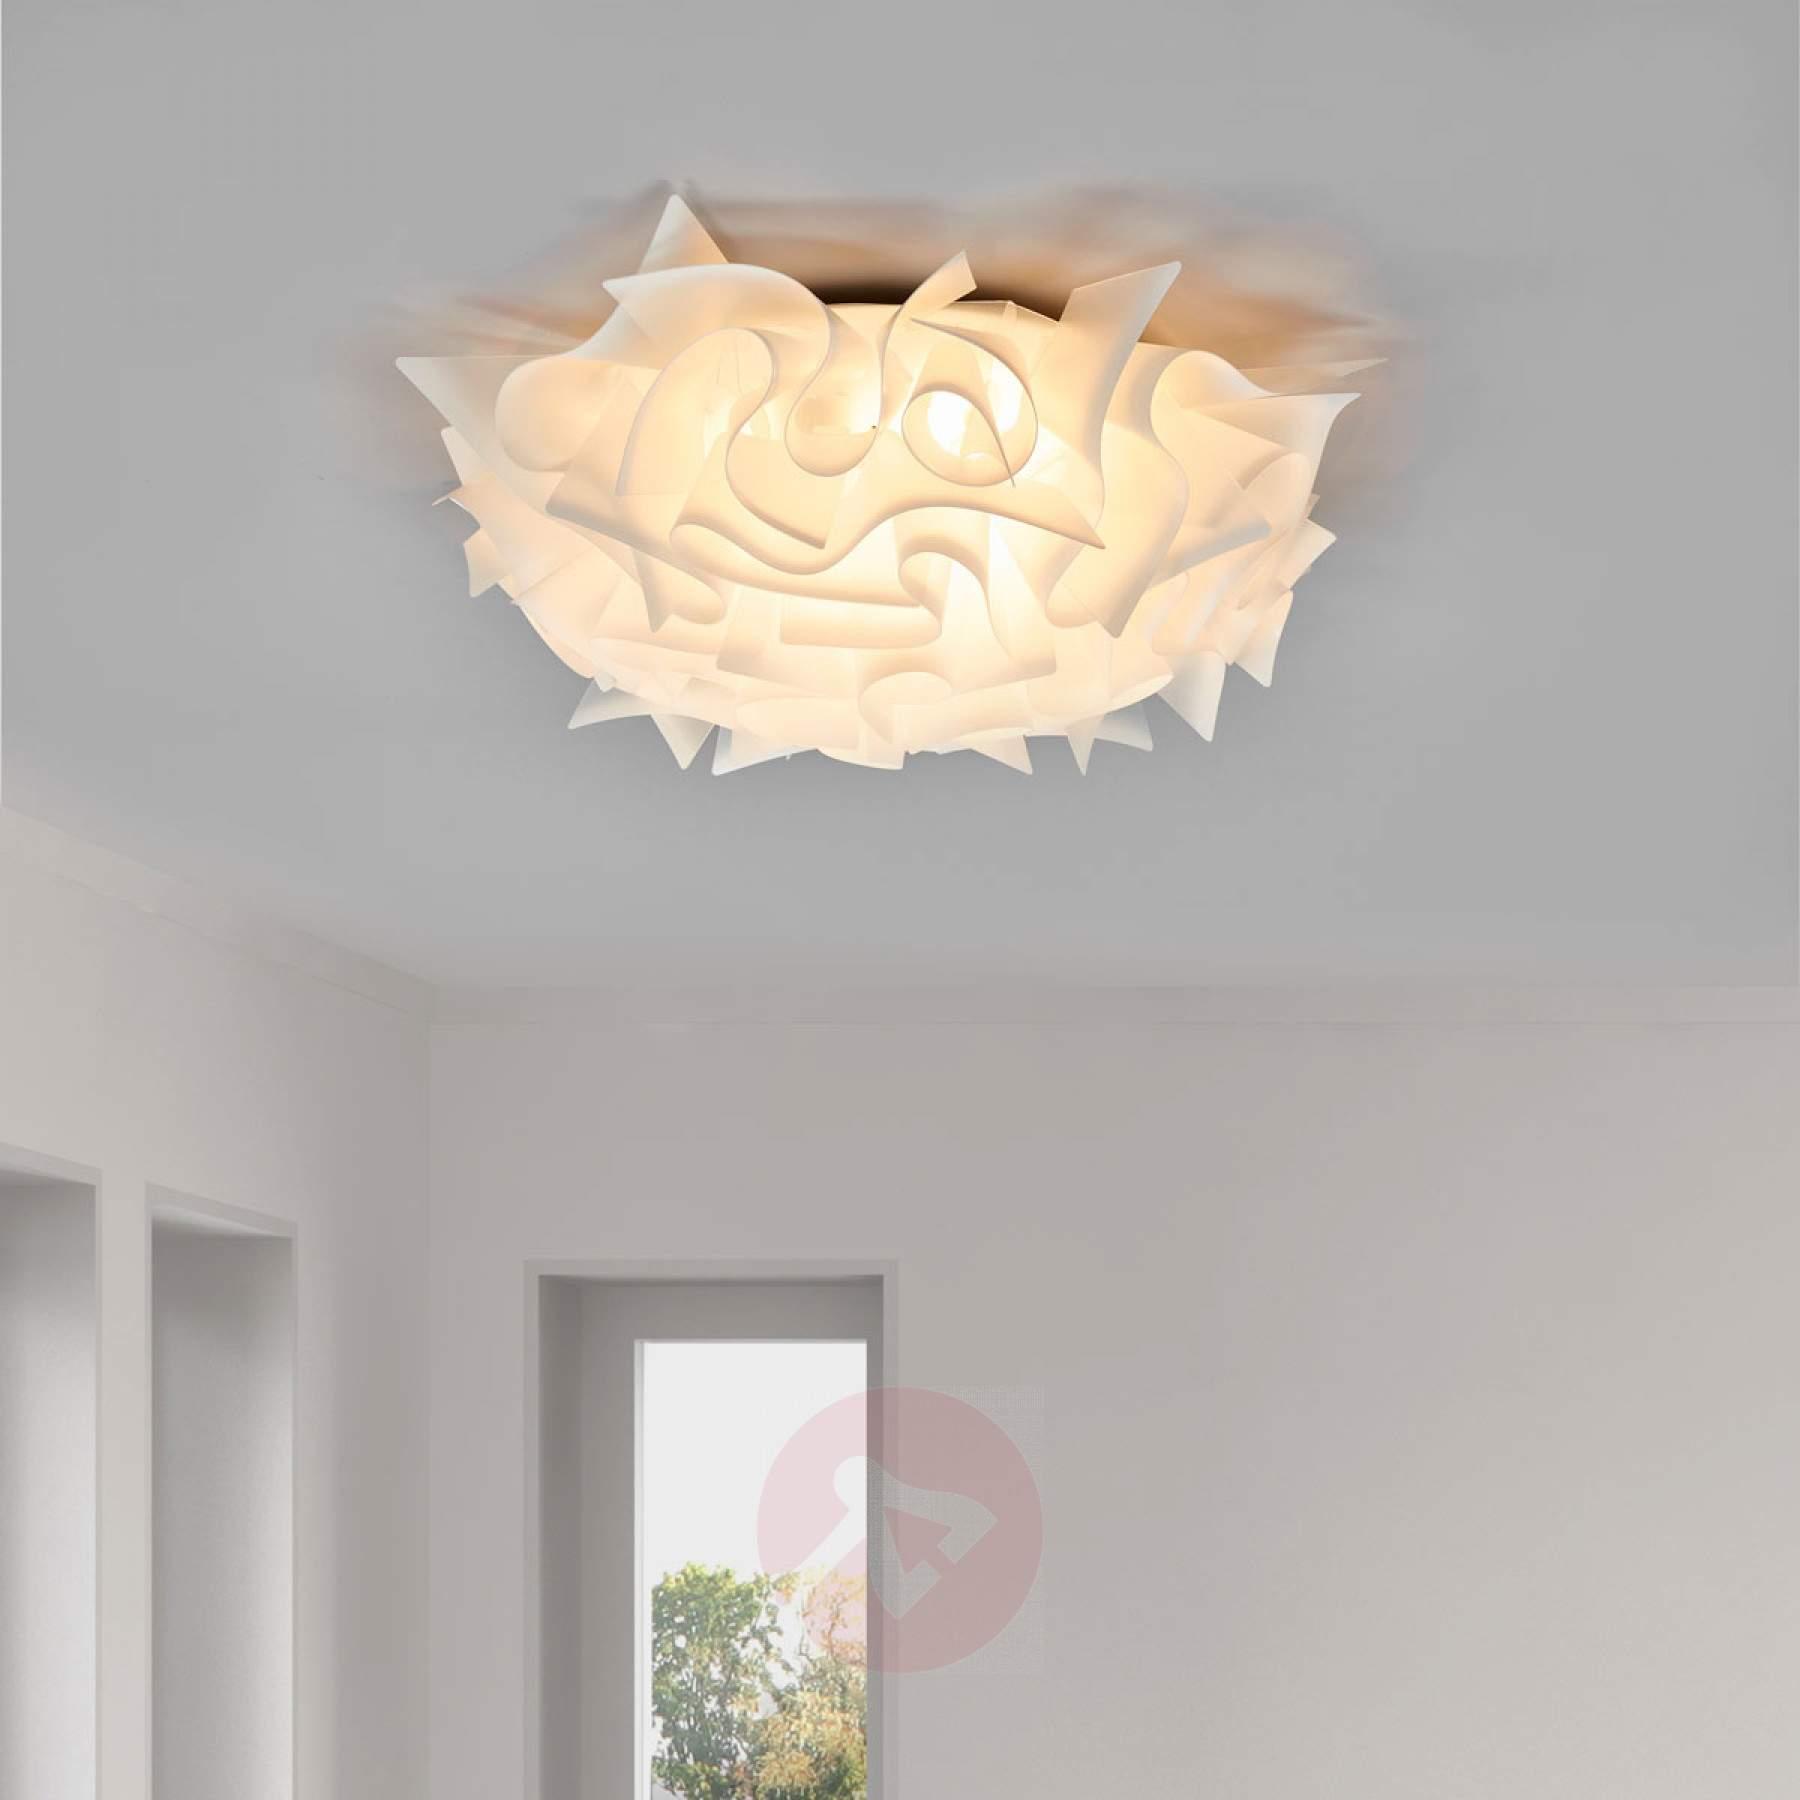 Full Size of Slamp Veli M Design Deckenleuchte Kaufen Lampenweltch Deckenlampe Esstisch Sessel Schlafzimmer Komplett Guenstig Landhaus Weißes Komplettangebote Teppich Schlafzimmer Schlafzimmer Deckenlampe